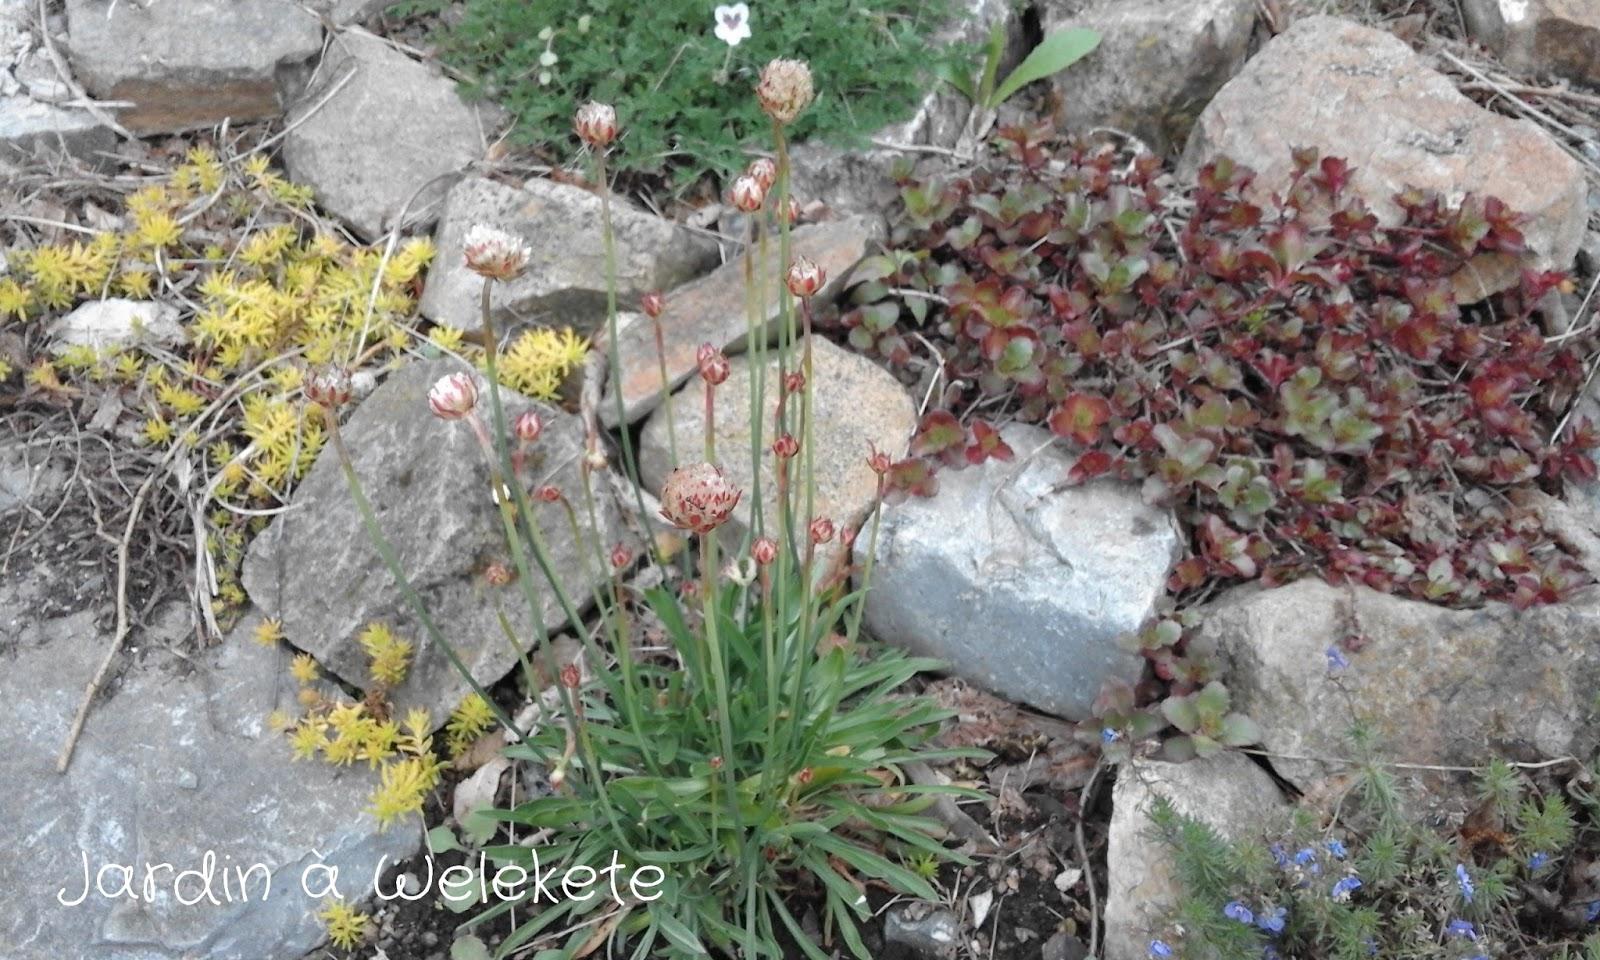 Jardin welekete petit tour au jardin mai 2017 - Petit jardin culinary arts tours ...